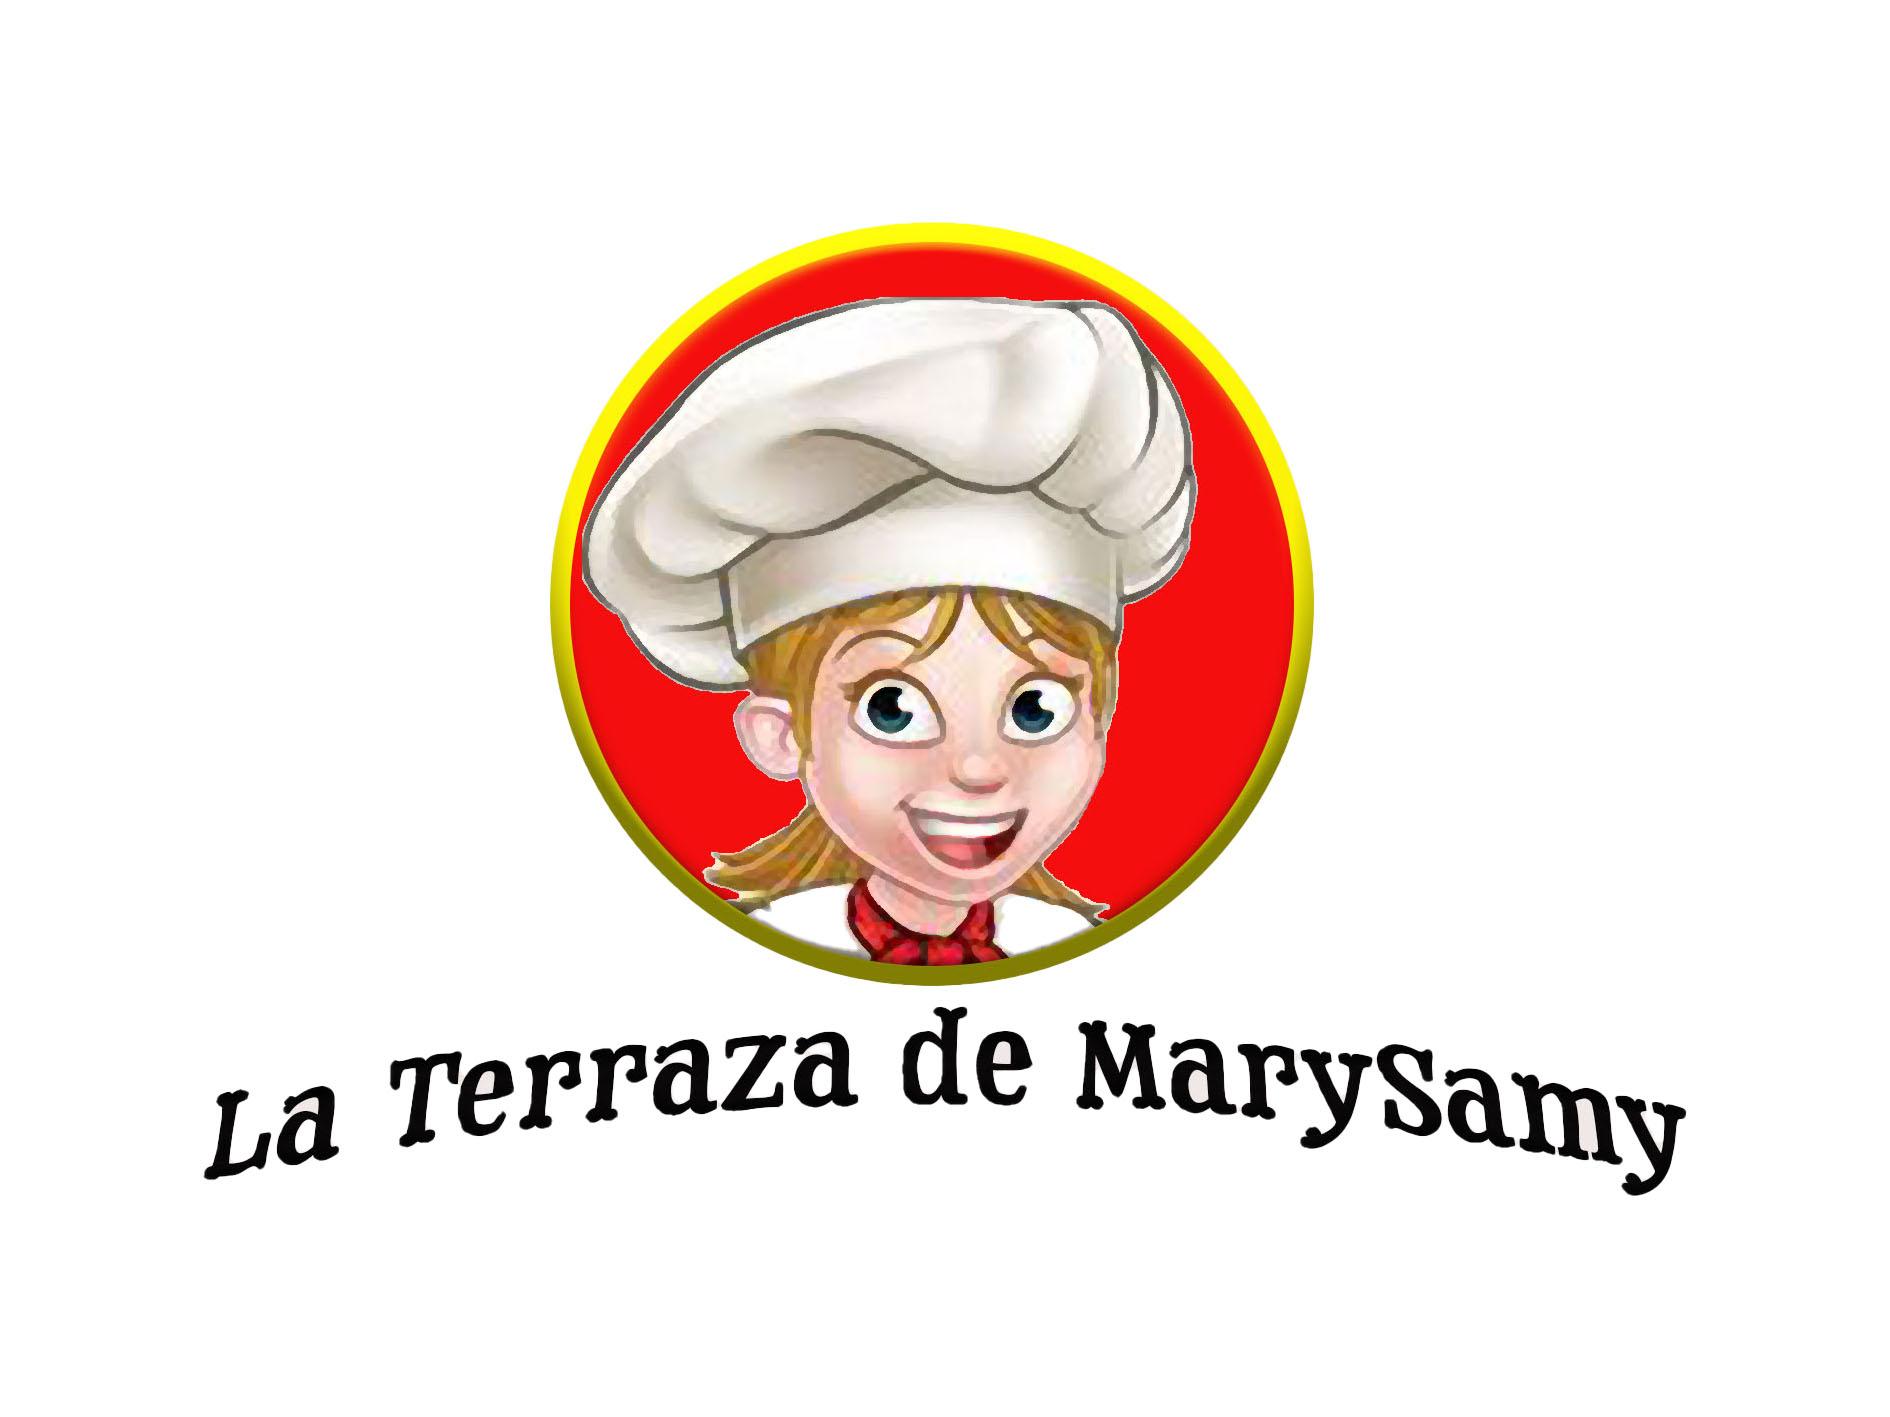 La Terraza de MarySamy